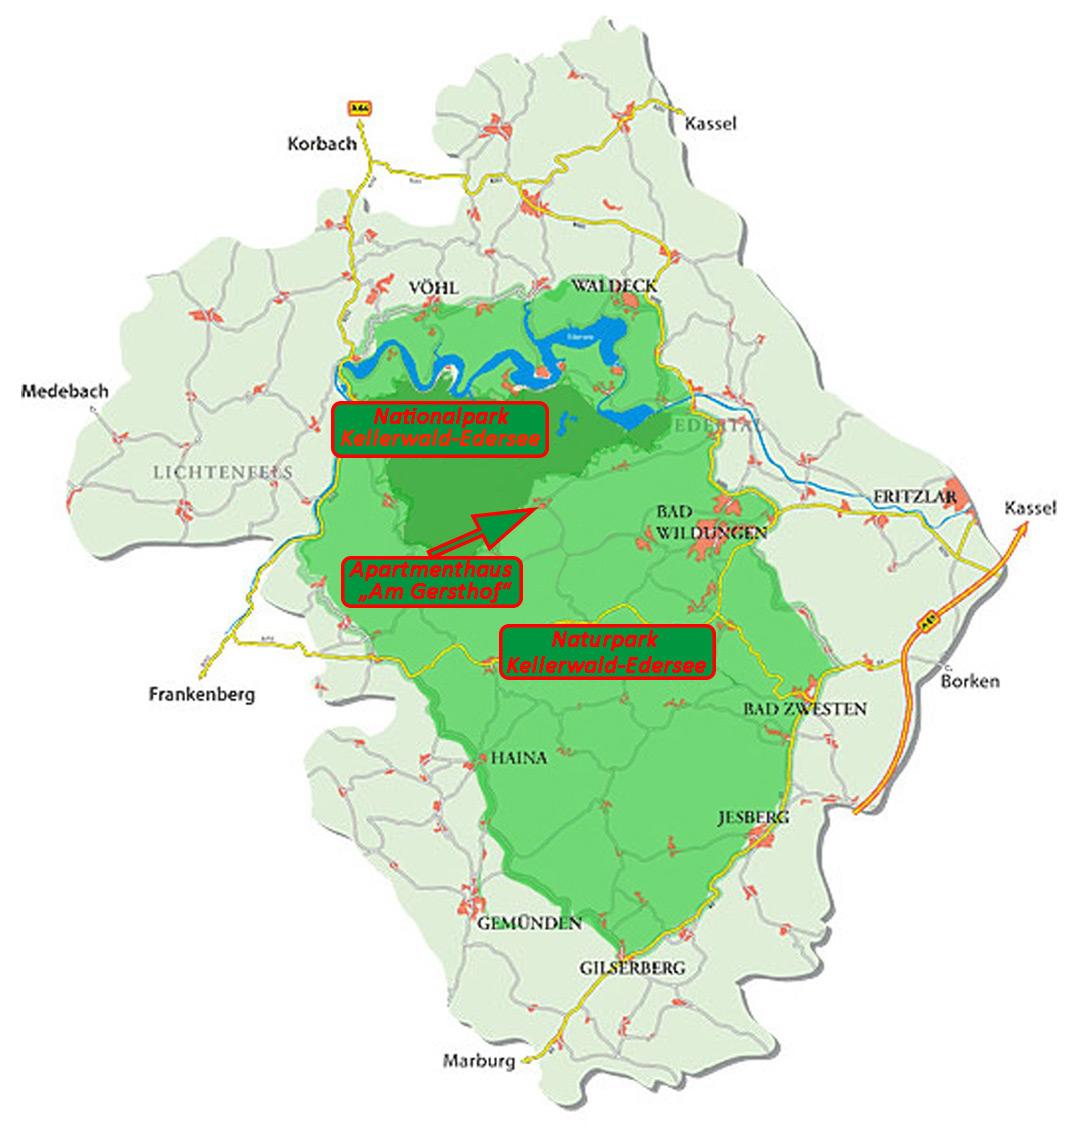 Karte NationalNaturpark - günstige Ferienwohnungen 200m bis Nationalpark Kellerwald-Edersee